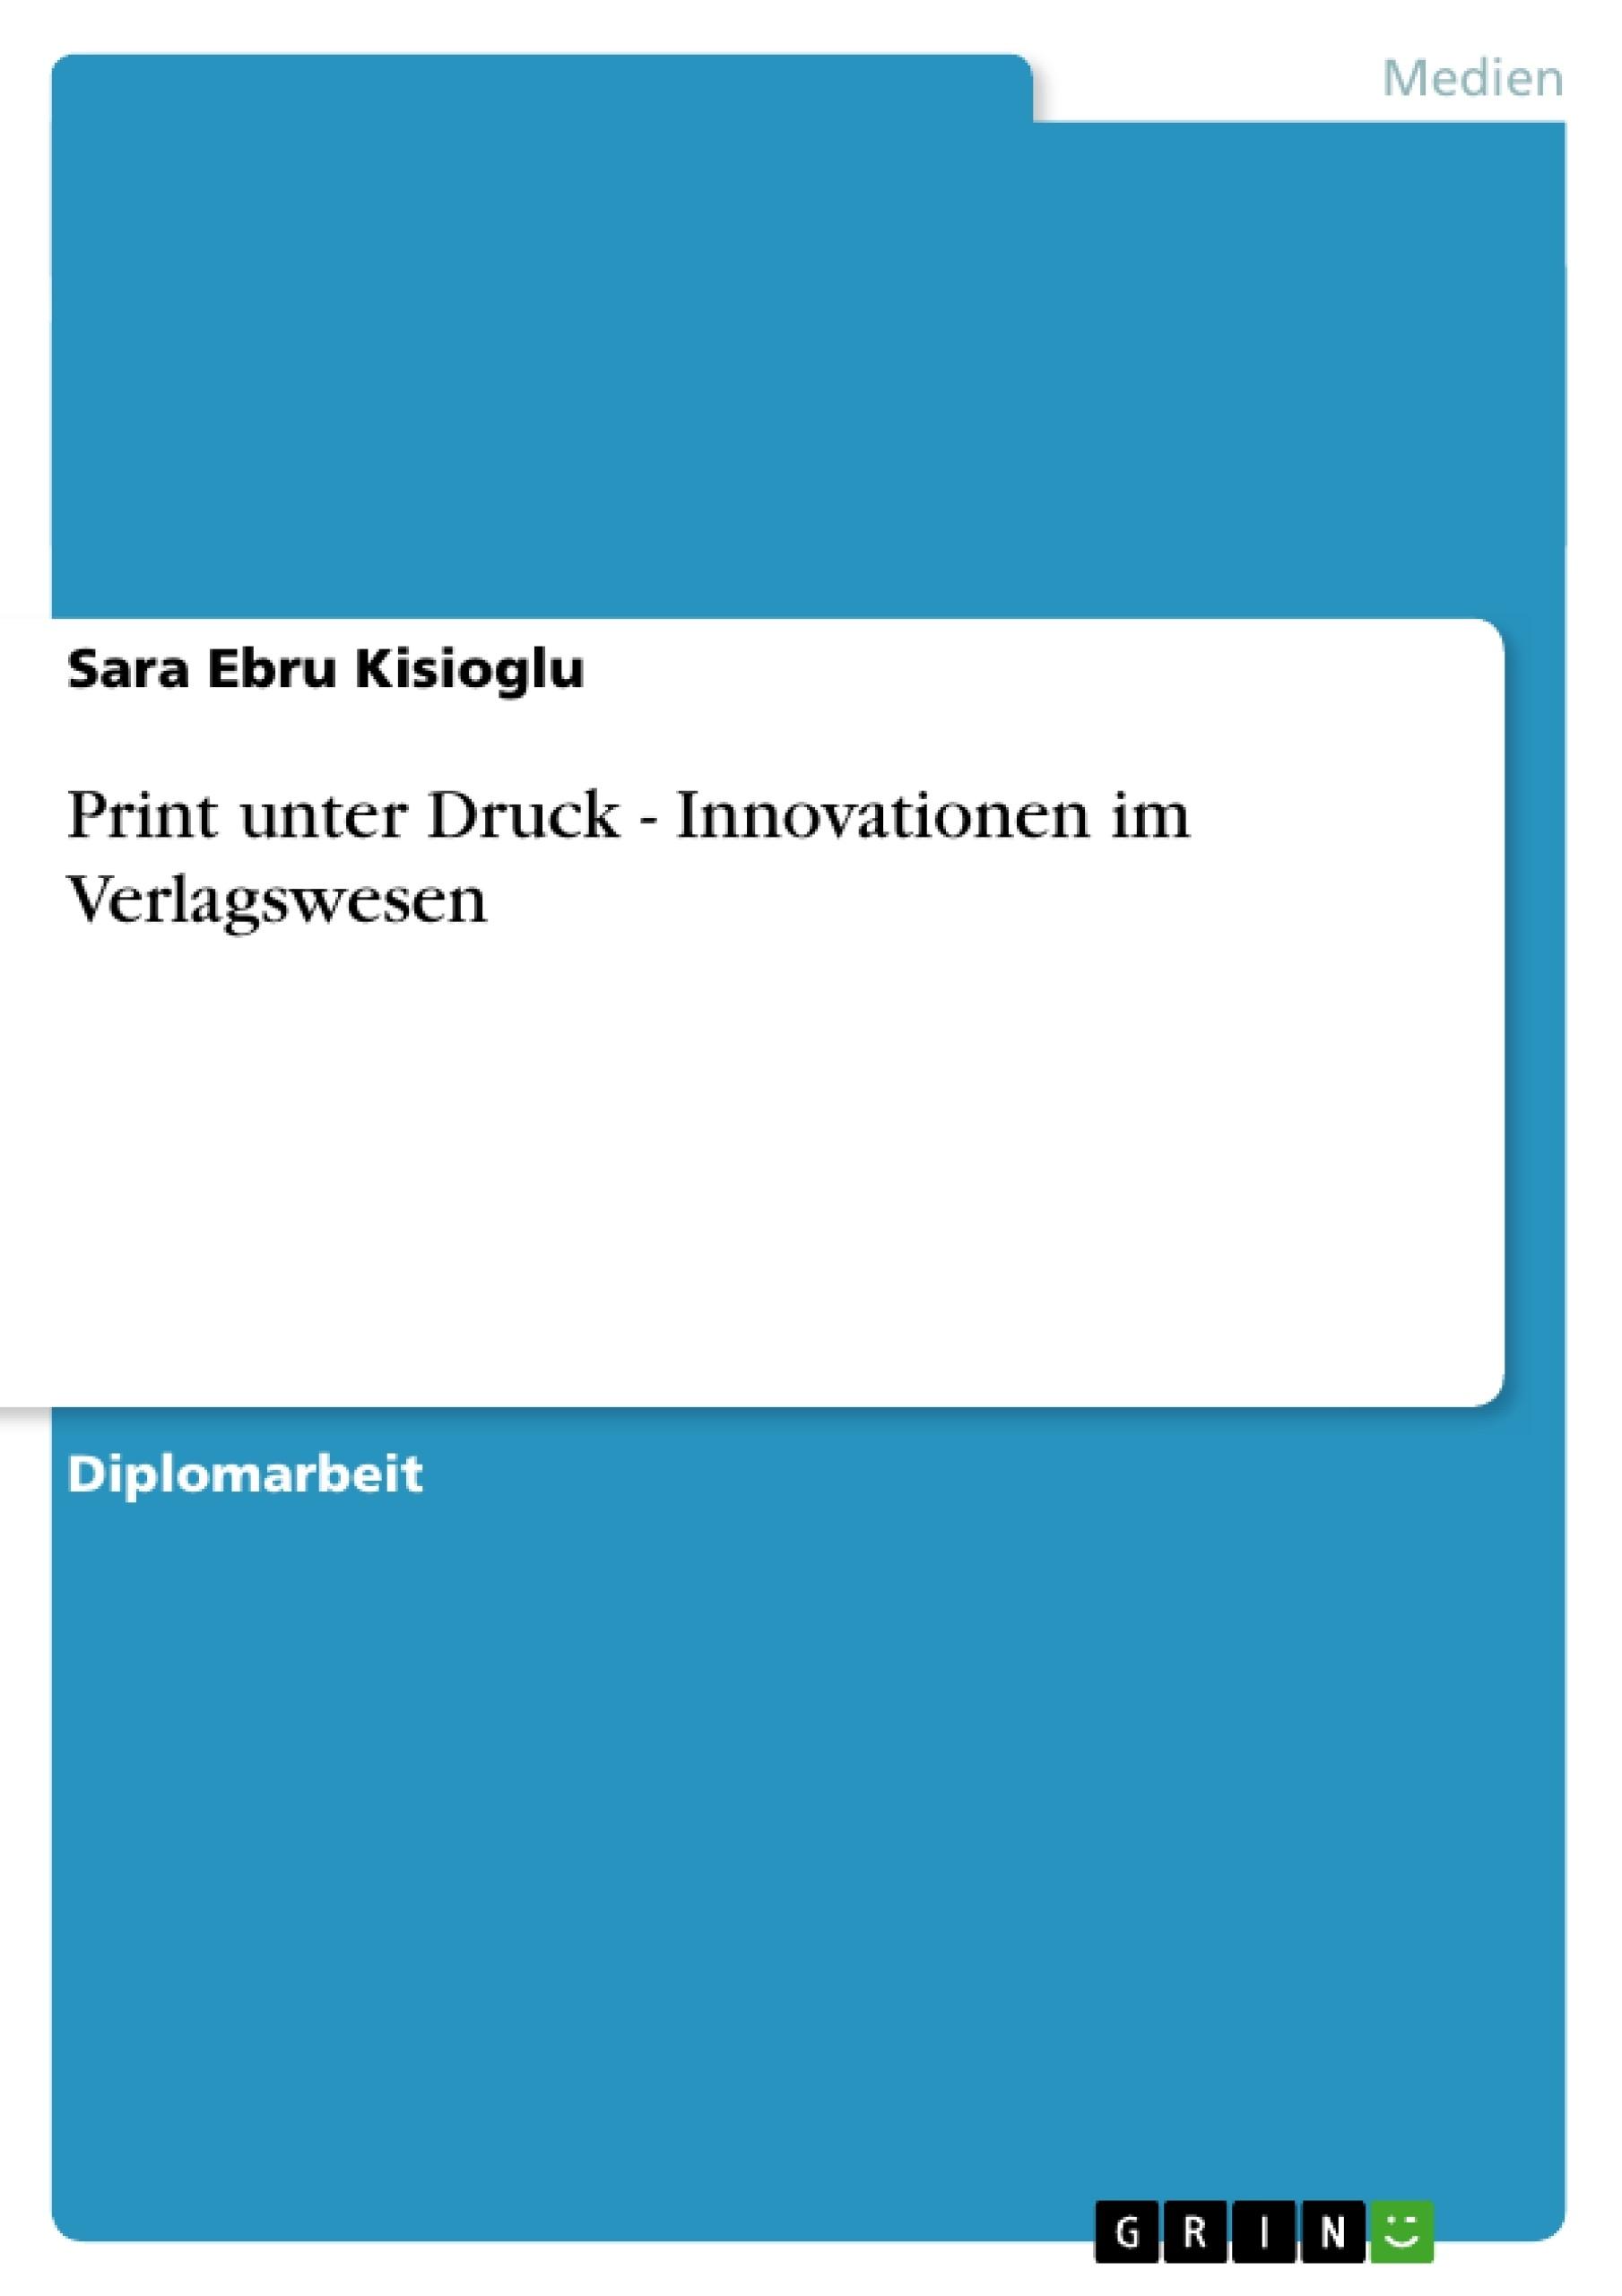 Titel: Print unter Druck - Innovationen im Verlagswesen